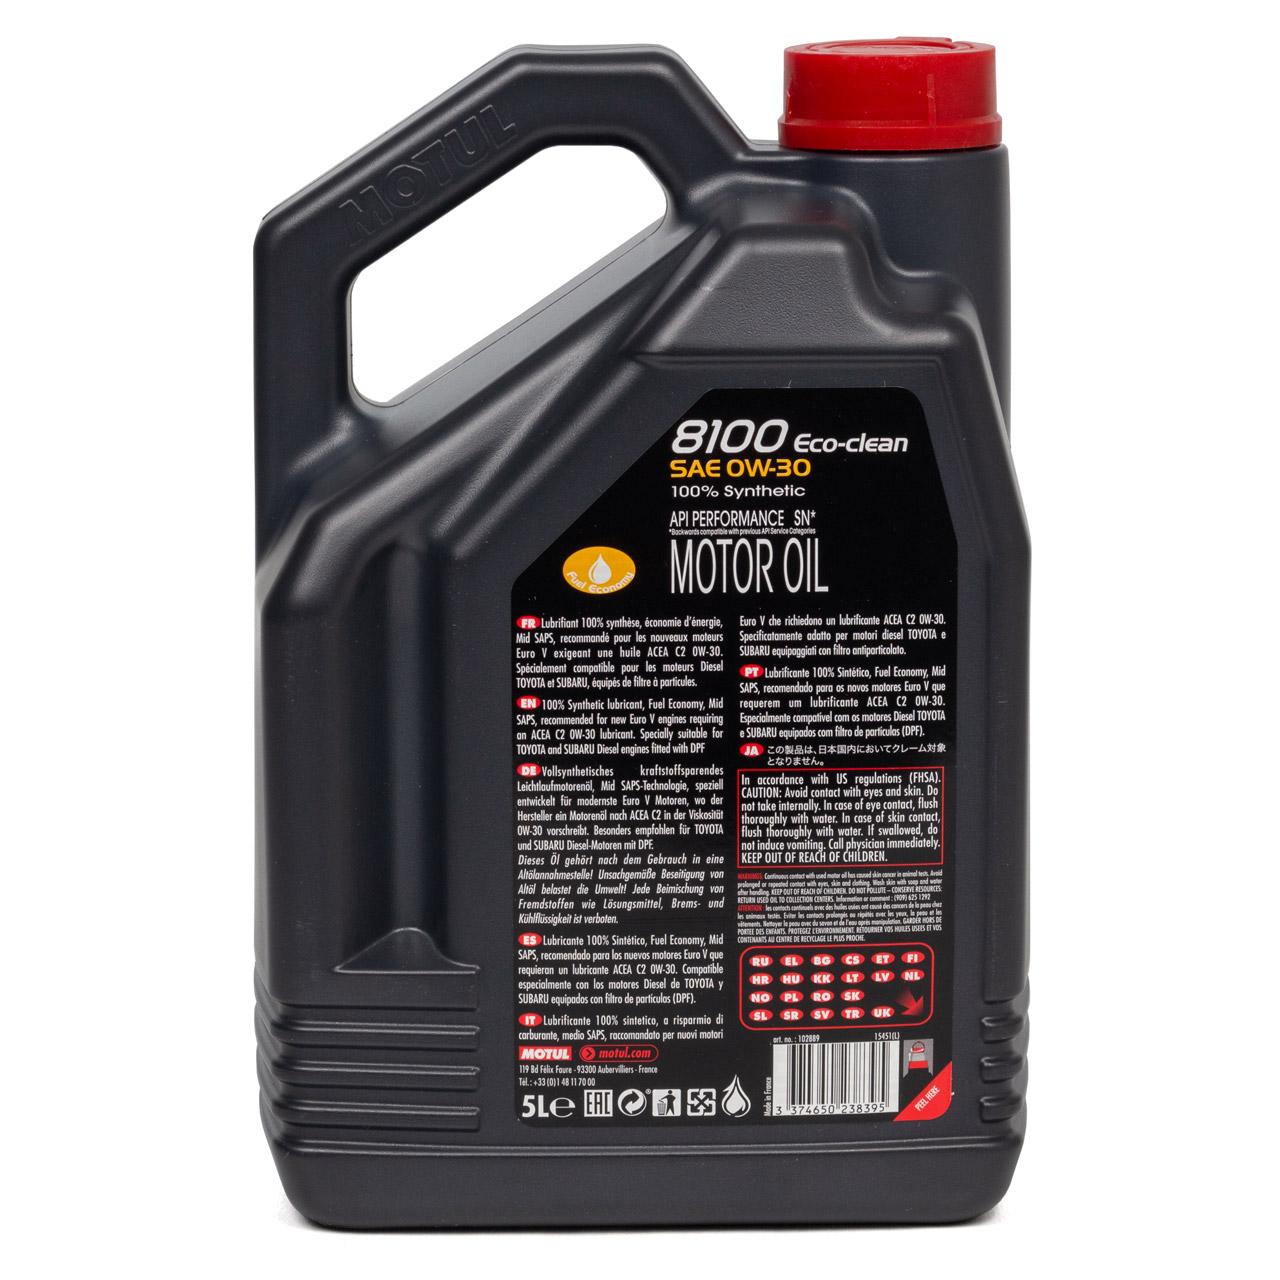 MOTUL 8100 ECO-Clean Motoröl Öl 0W30 ACEA C2 FORD WSS-M2C950-A - 5L 5 Liter